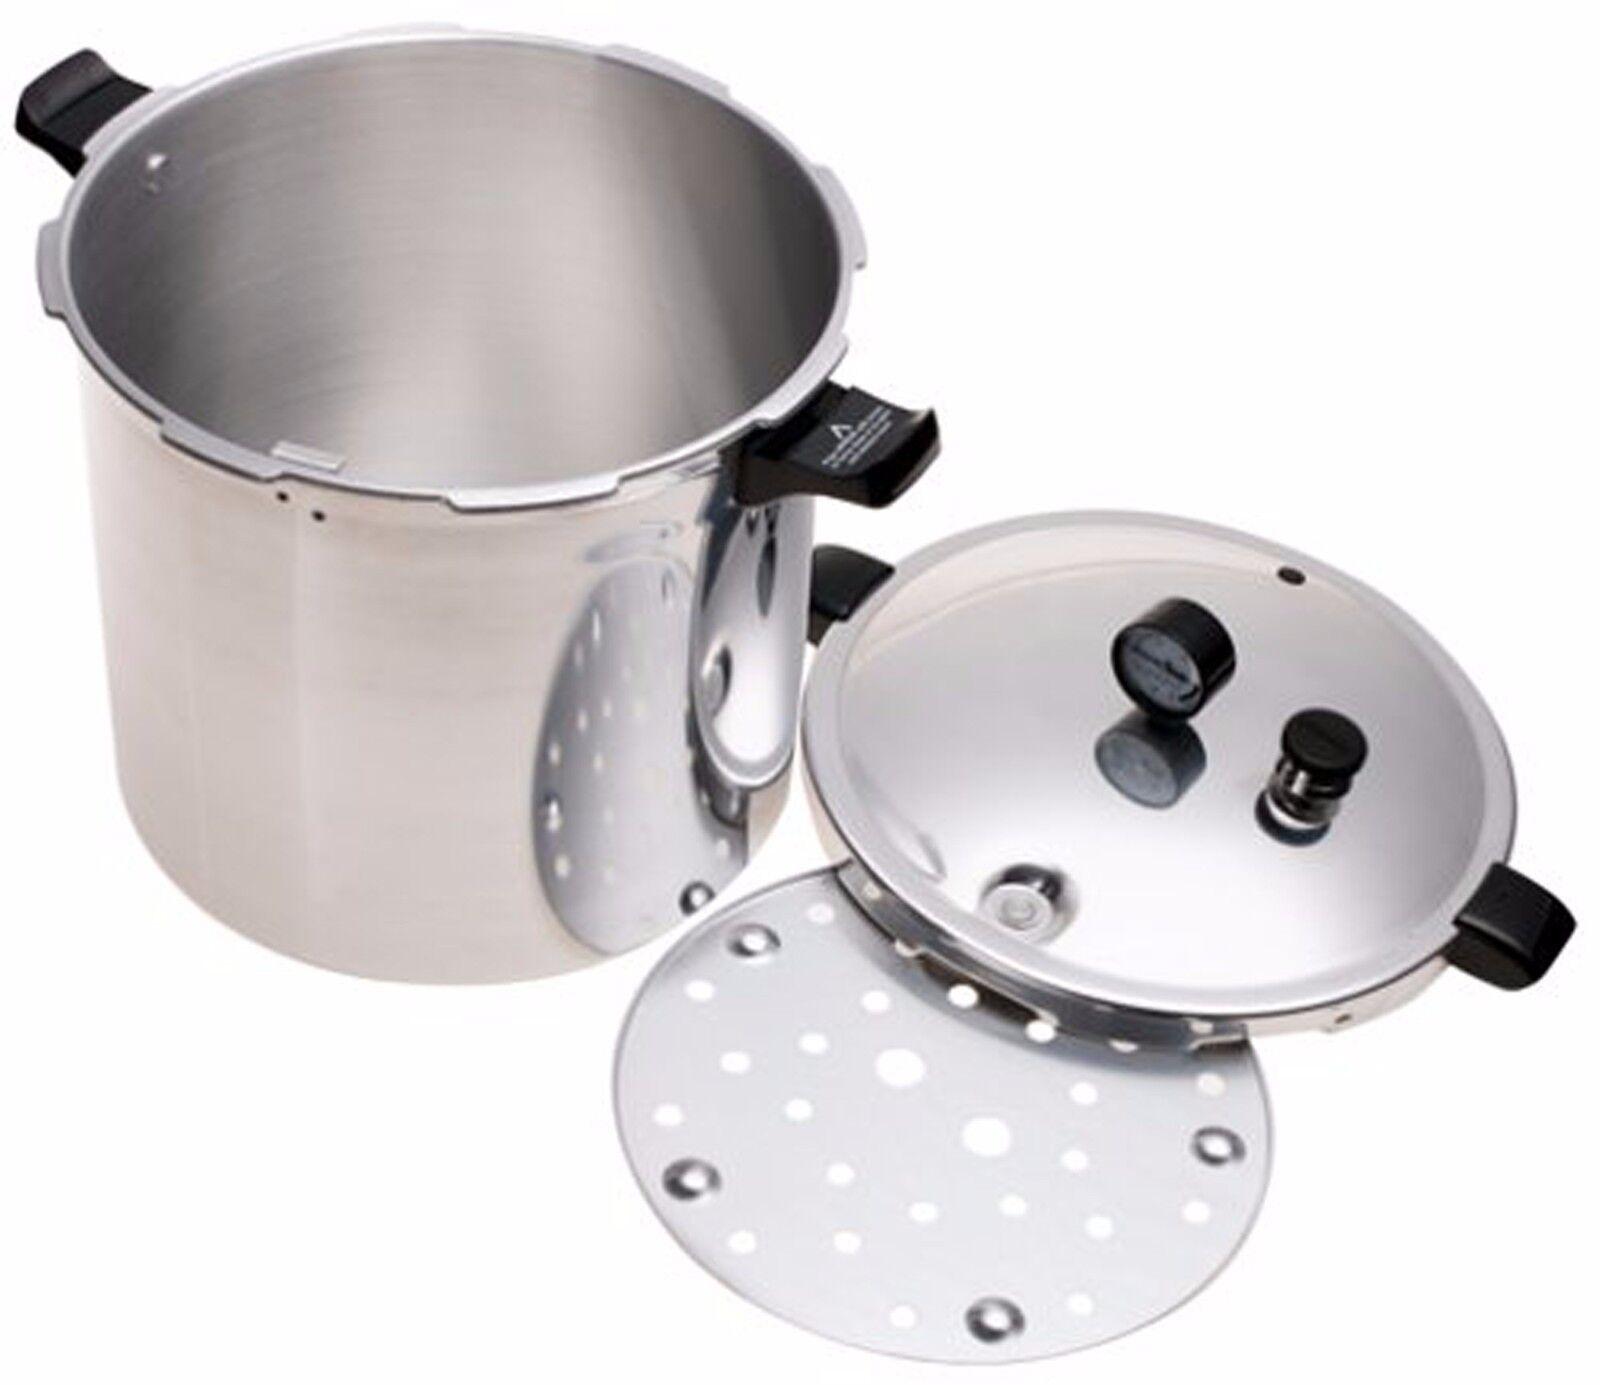 Pressure Cooker Canner Presto 23 Quart Dial Gauge Air Vent Deluxe Aluminium New